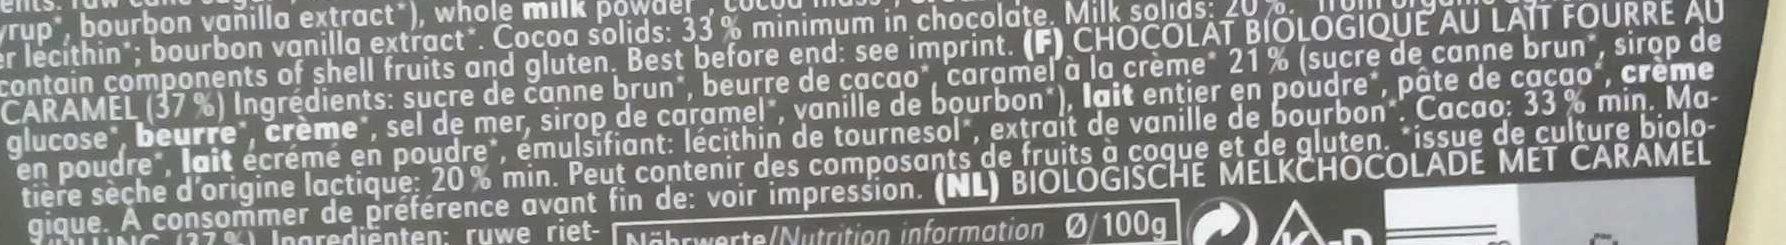 Chocolat au Lait Caramel Crème - Ingrédients